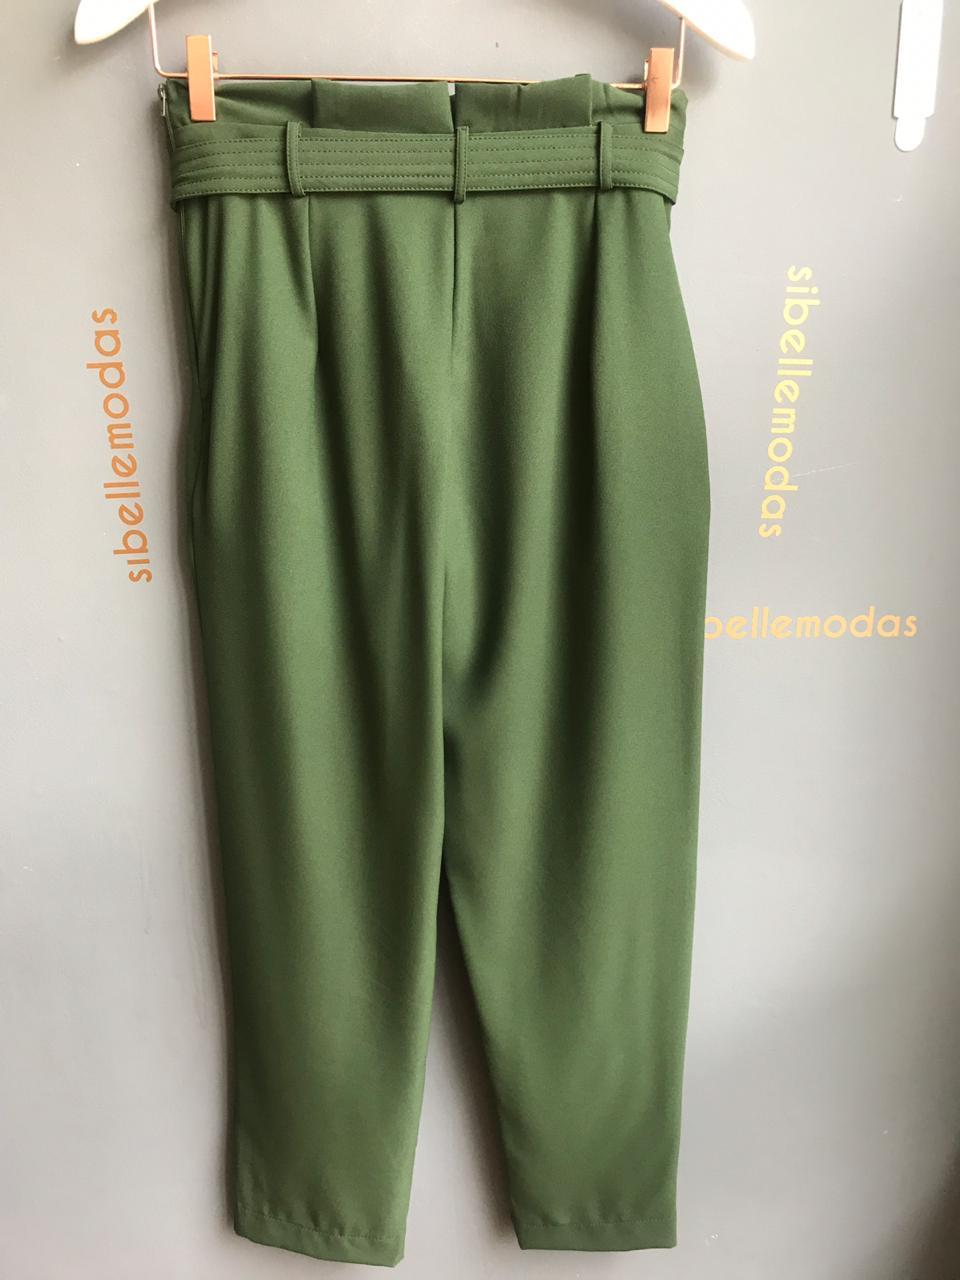 Calça Luana Clochard Jogger 8 % Elastano Cores Verde e Mostarda